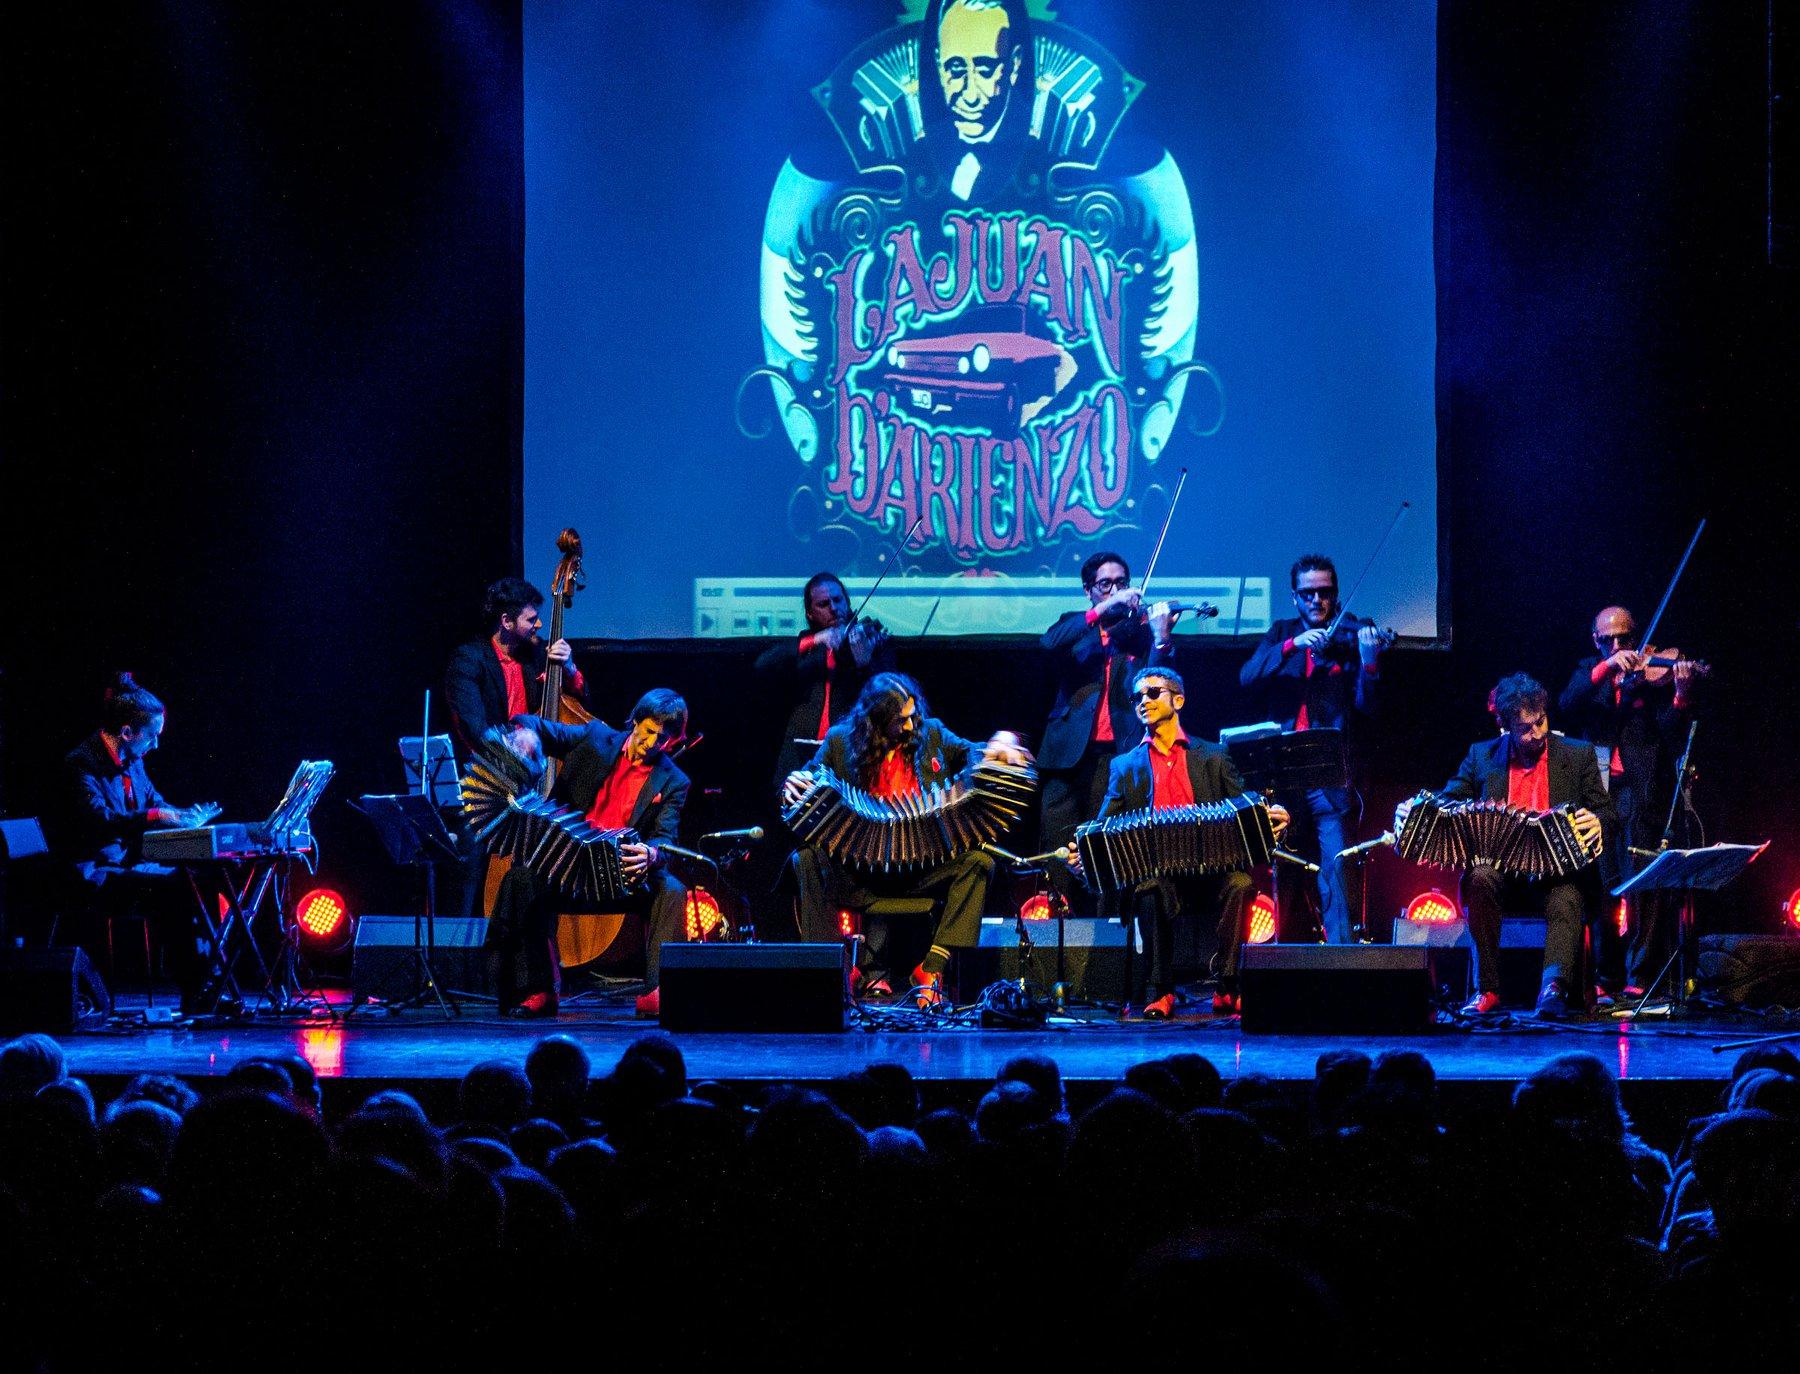 Orquesta La Juan D'Arienzo – Live im Instituto Cervantes Frankfurt